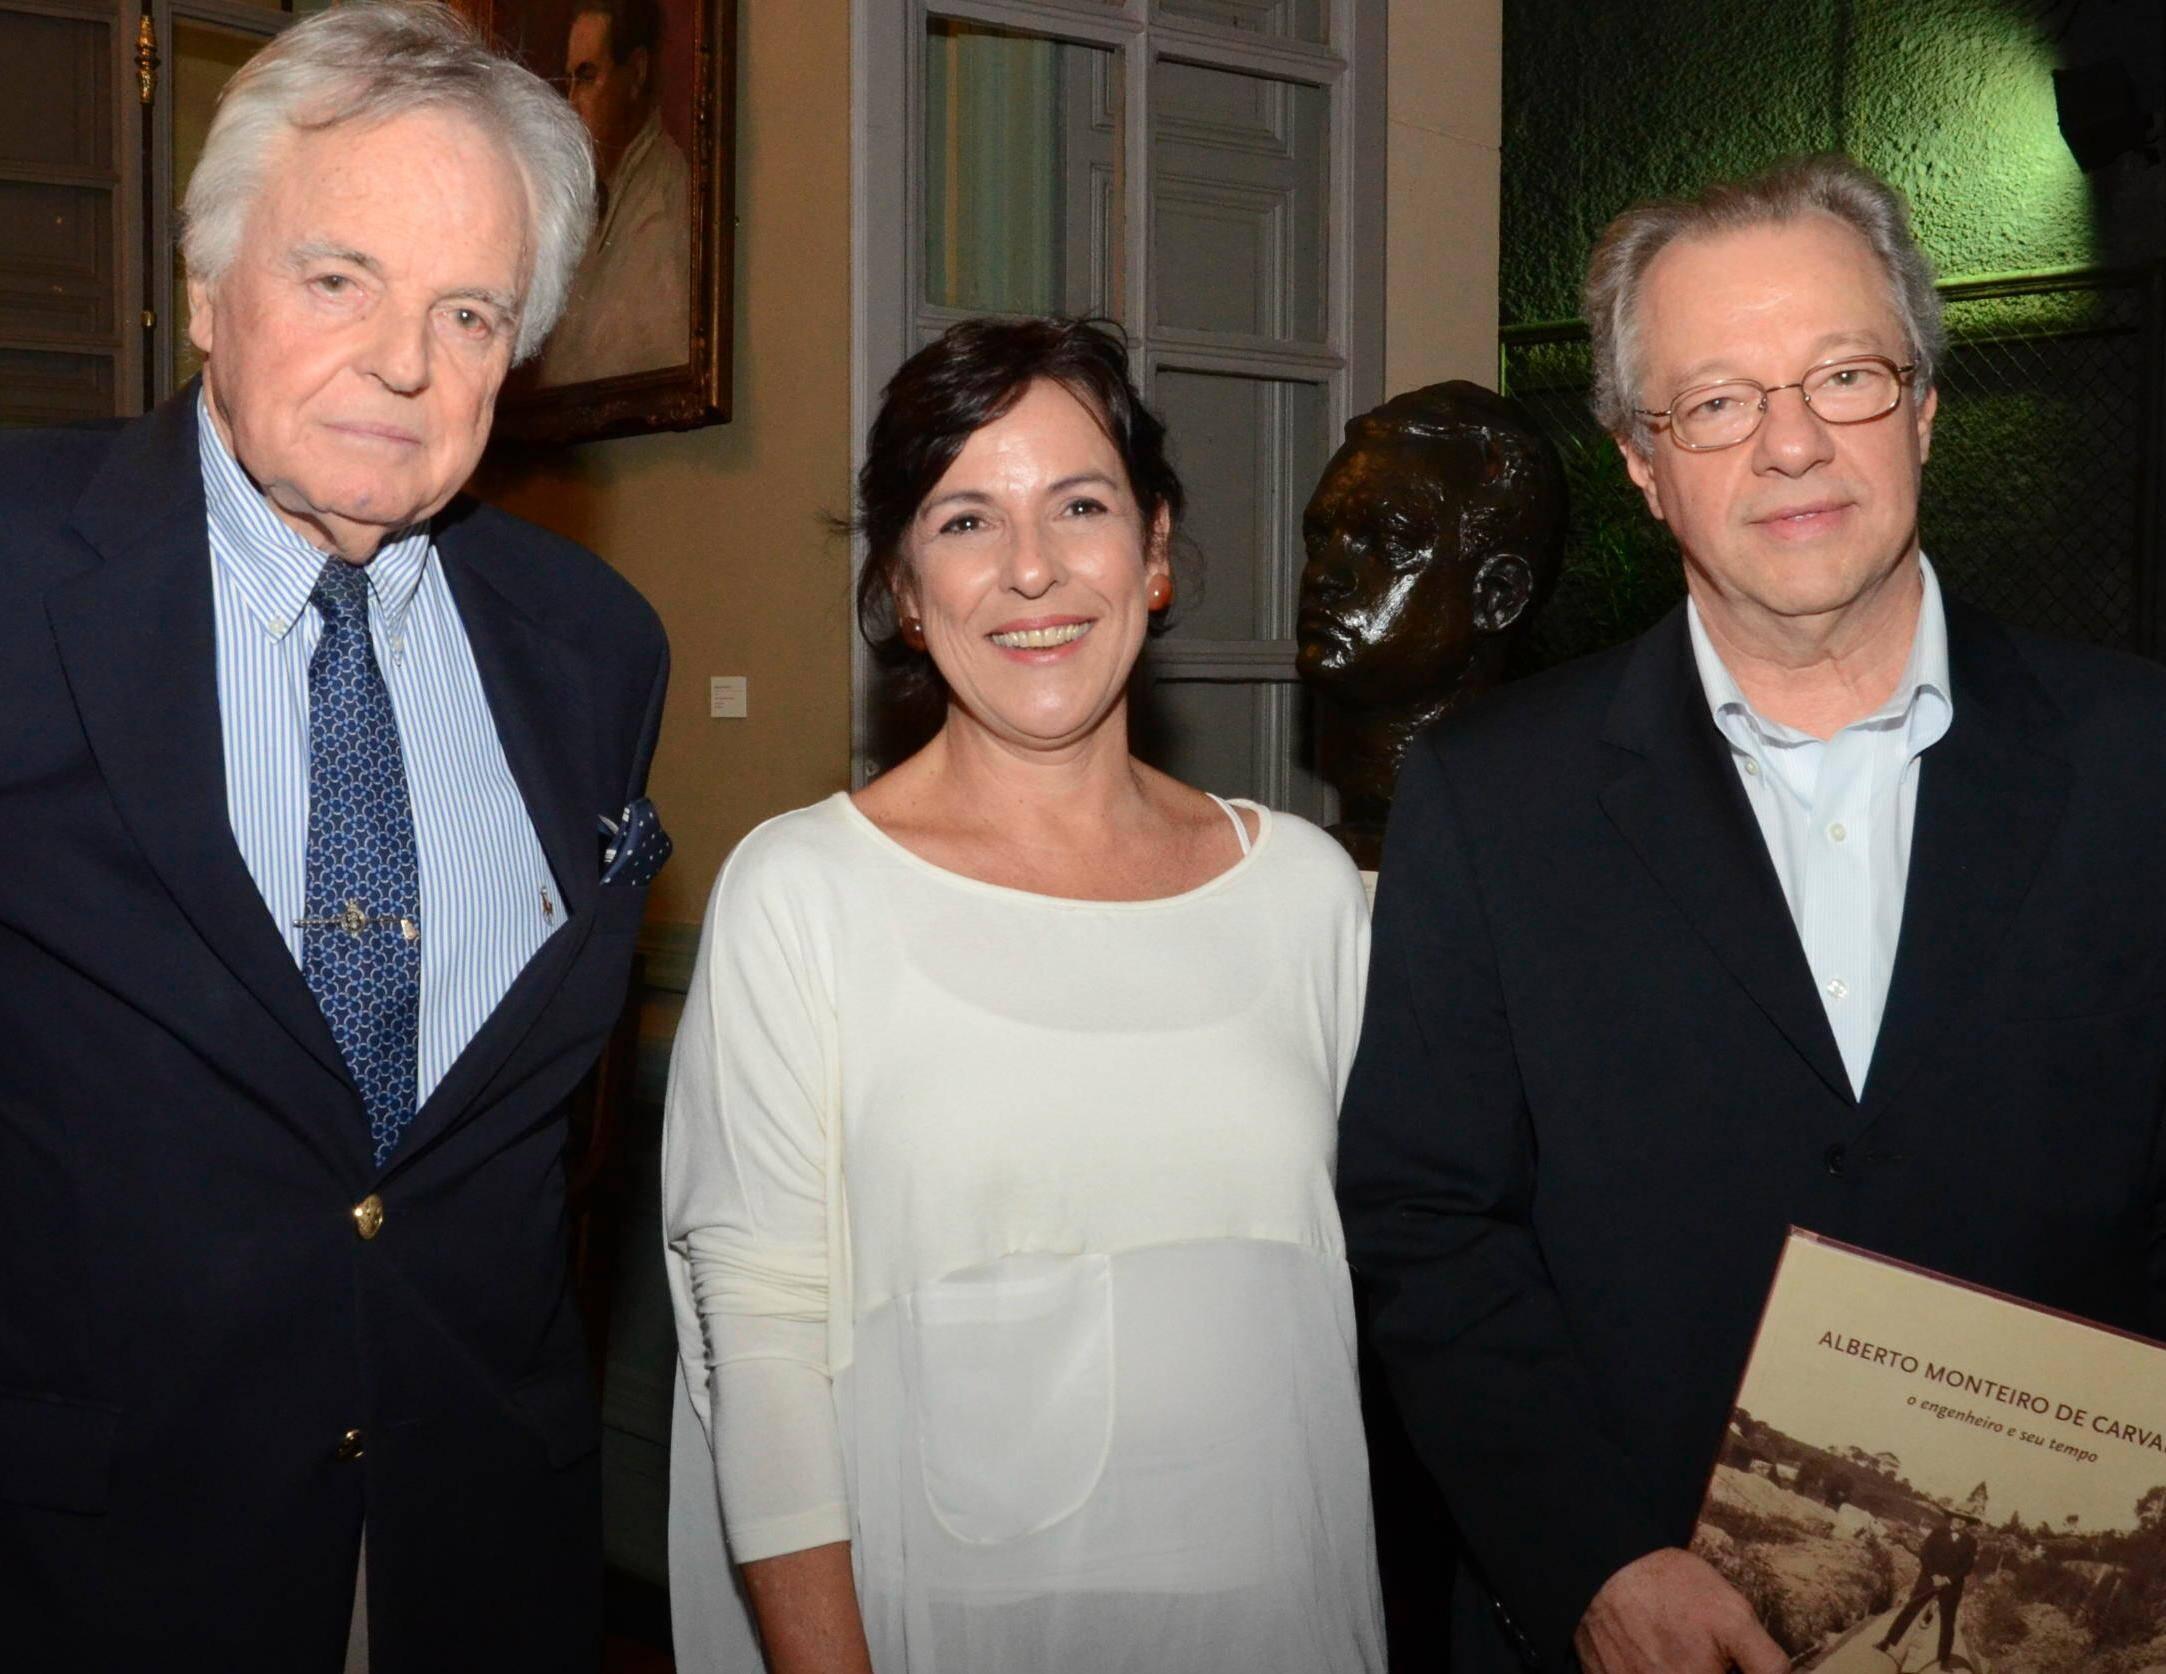 Dom Eudes de Orleans e Bragança, Cláudia Pinheiro e João Alfredo Viegas, em 2012 /Foto: Arquivo site Lu Lacerda